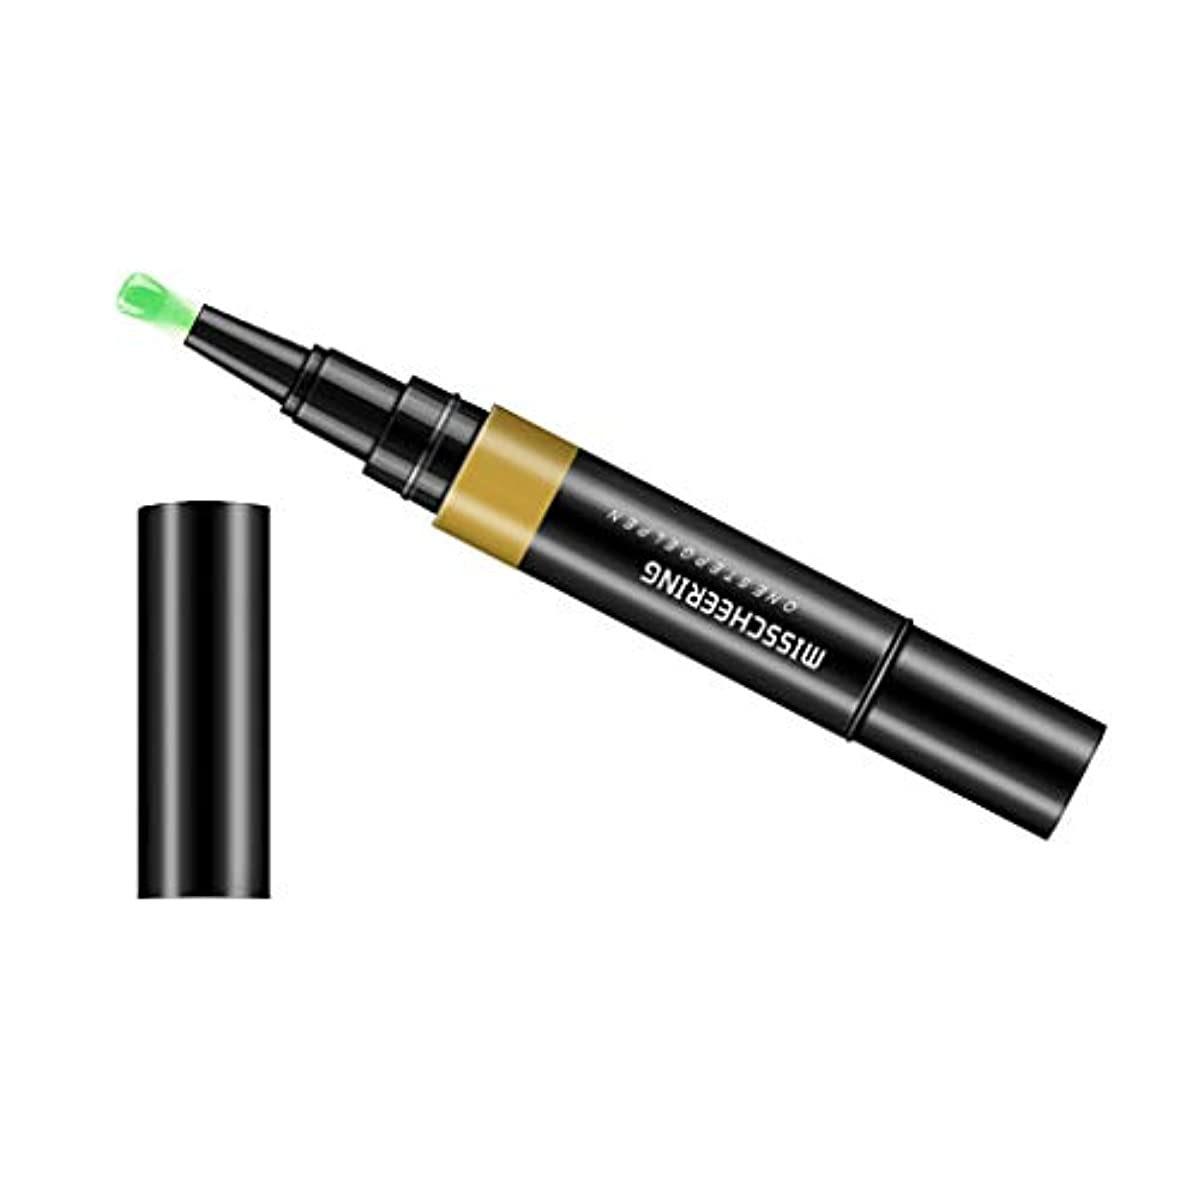 聖域洞察力入口Toygogo ジェル マニキュアペン ワニスラッカー ネイルアートペン 3 イン 1 サロン 初心者 セルフネイル DIY - グリーン